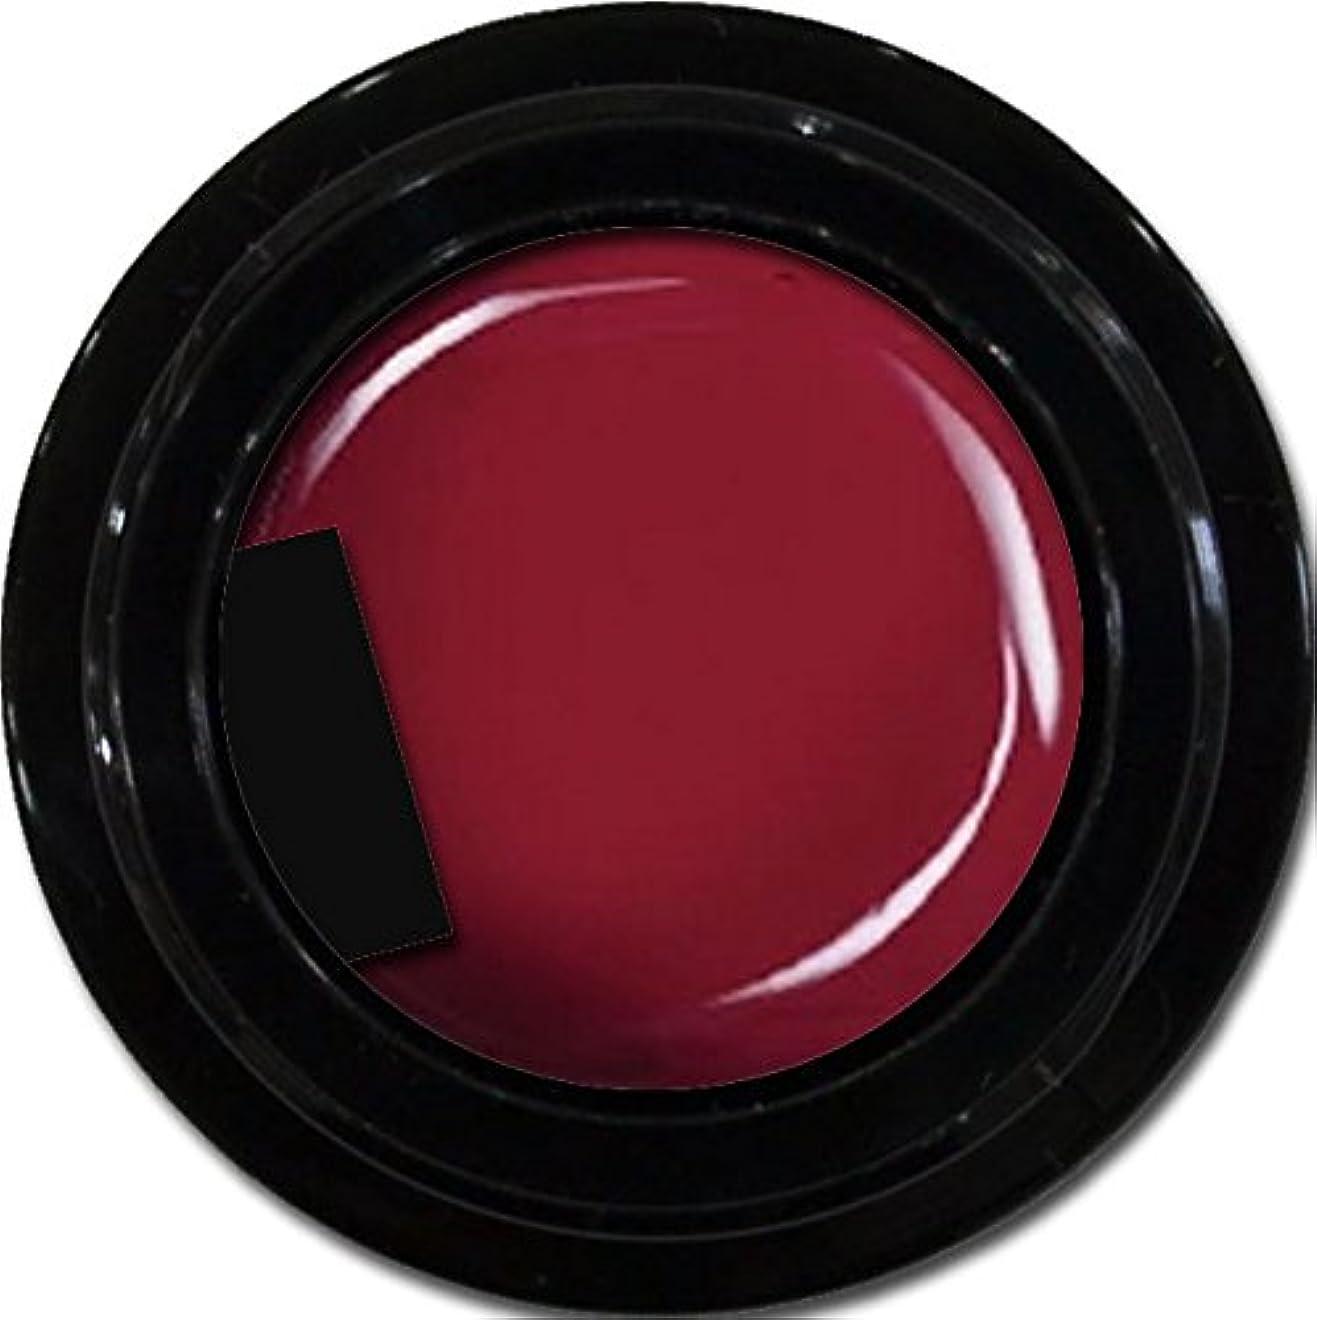 起きろコーン剛性カラージェル enchant color gel M408 PlumJerry 3g/ マットカラージェル M408プラムジェリー 3グラム